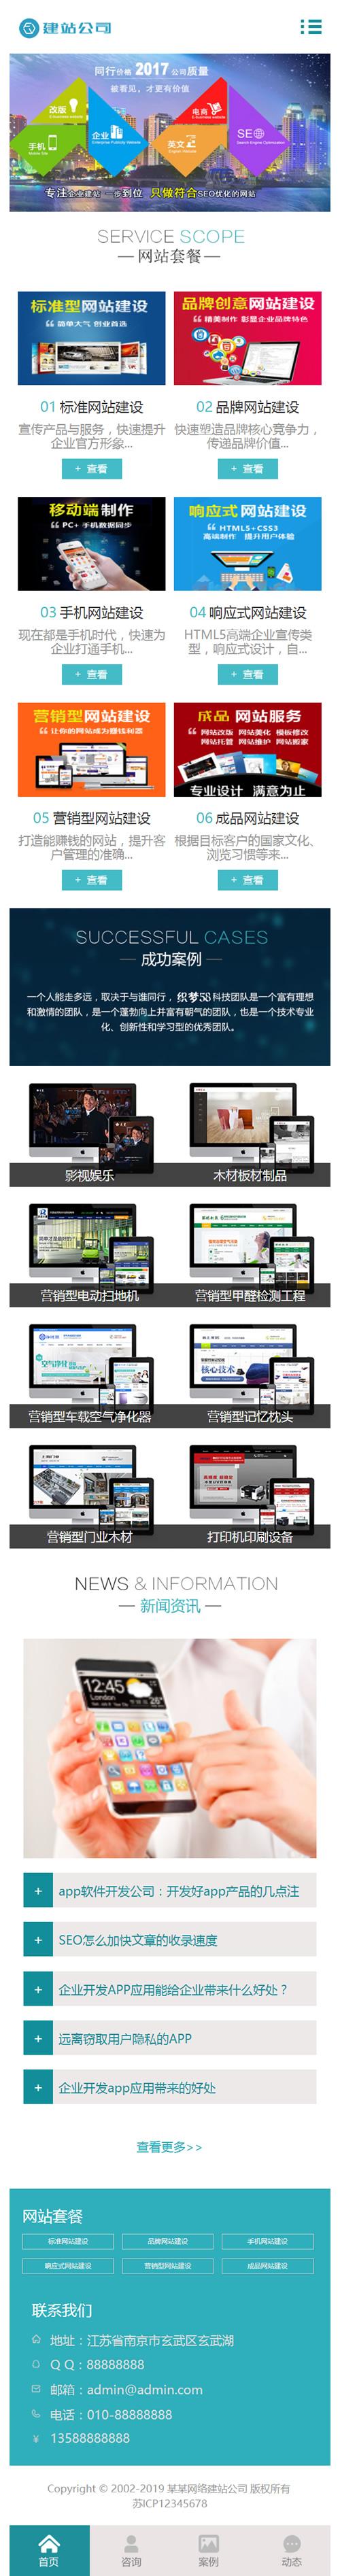 织梦高端企业建站公司网站源码 带手机版数据同步 第3张